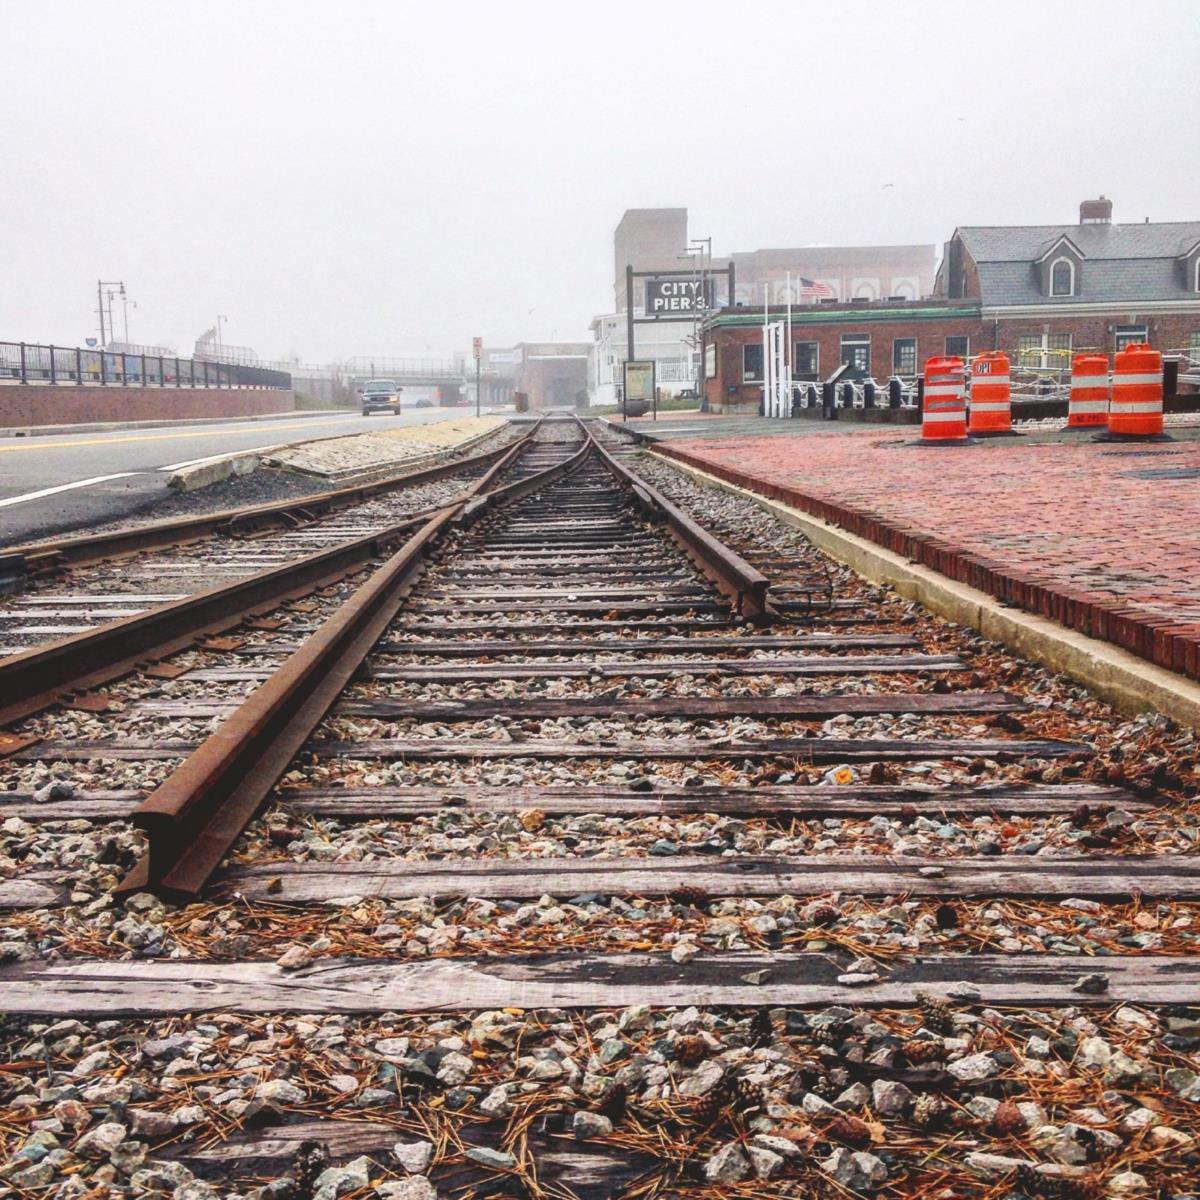 Na linha de caminho de ferro, o último comboio de passageiros a passar foi em 1959